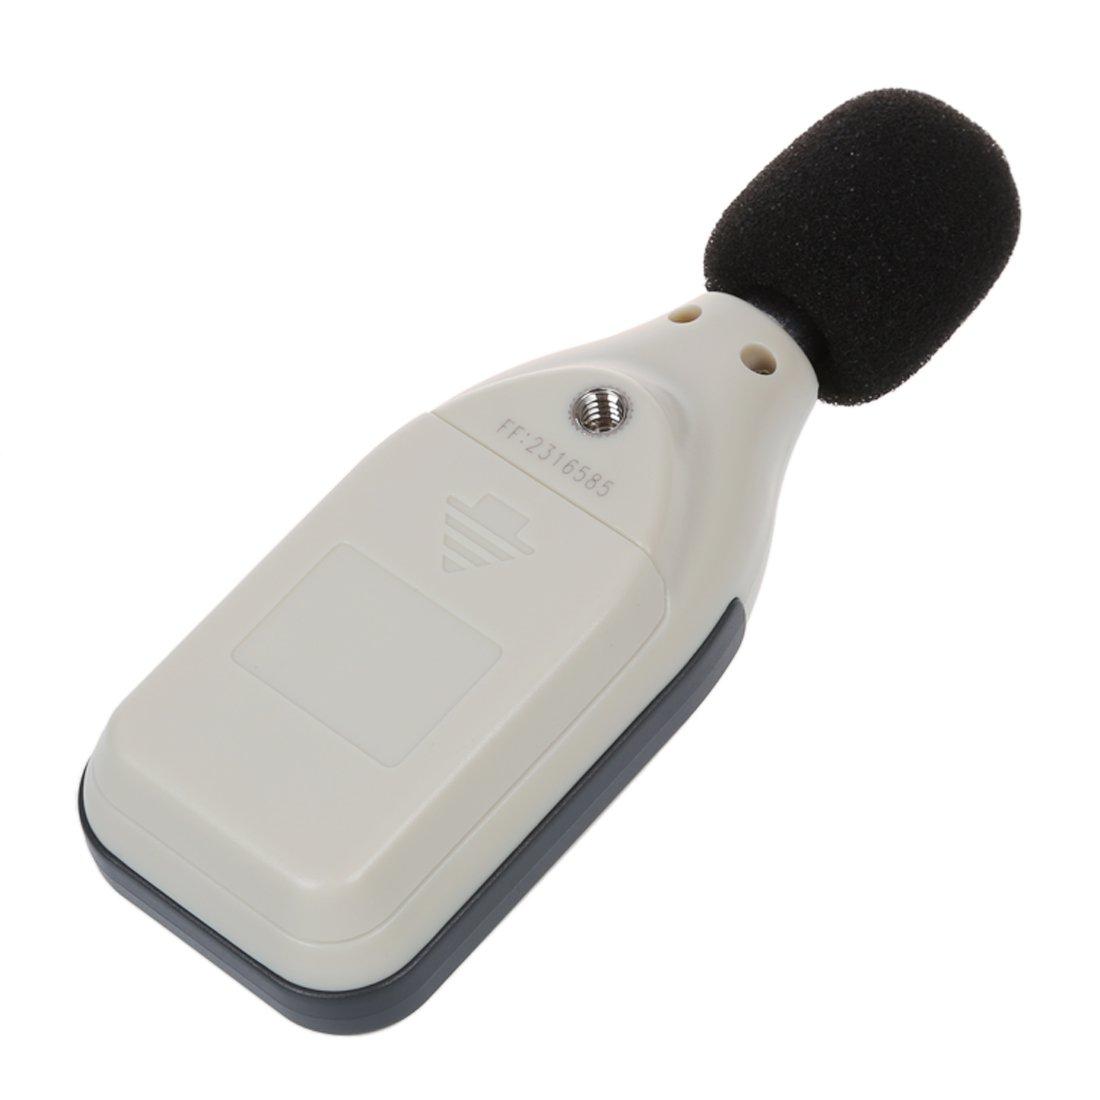 De sonido digital medidor de nivel de decibelios registrador 30-130db: Amazon.es: Electrónica